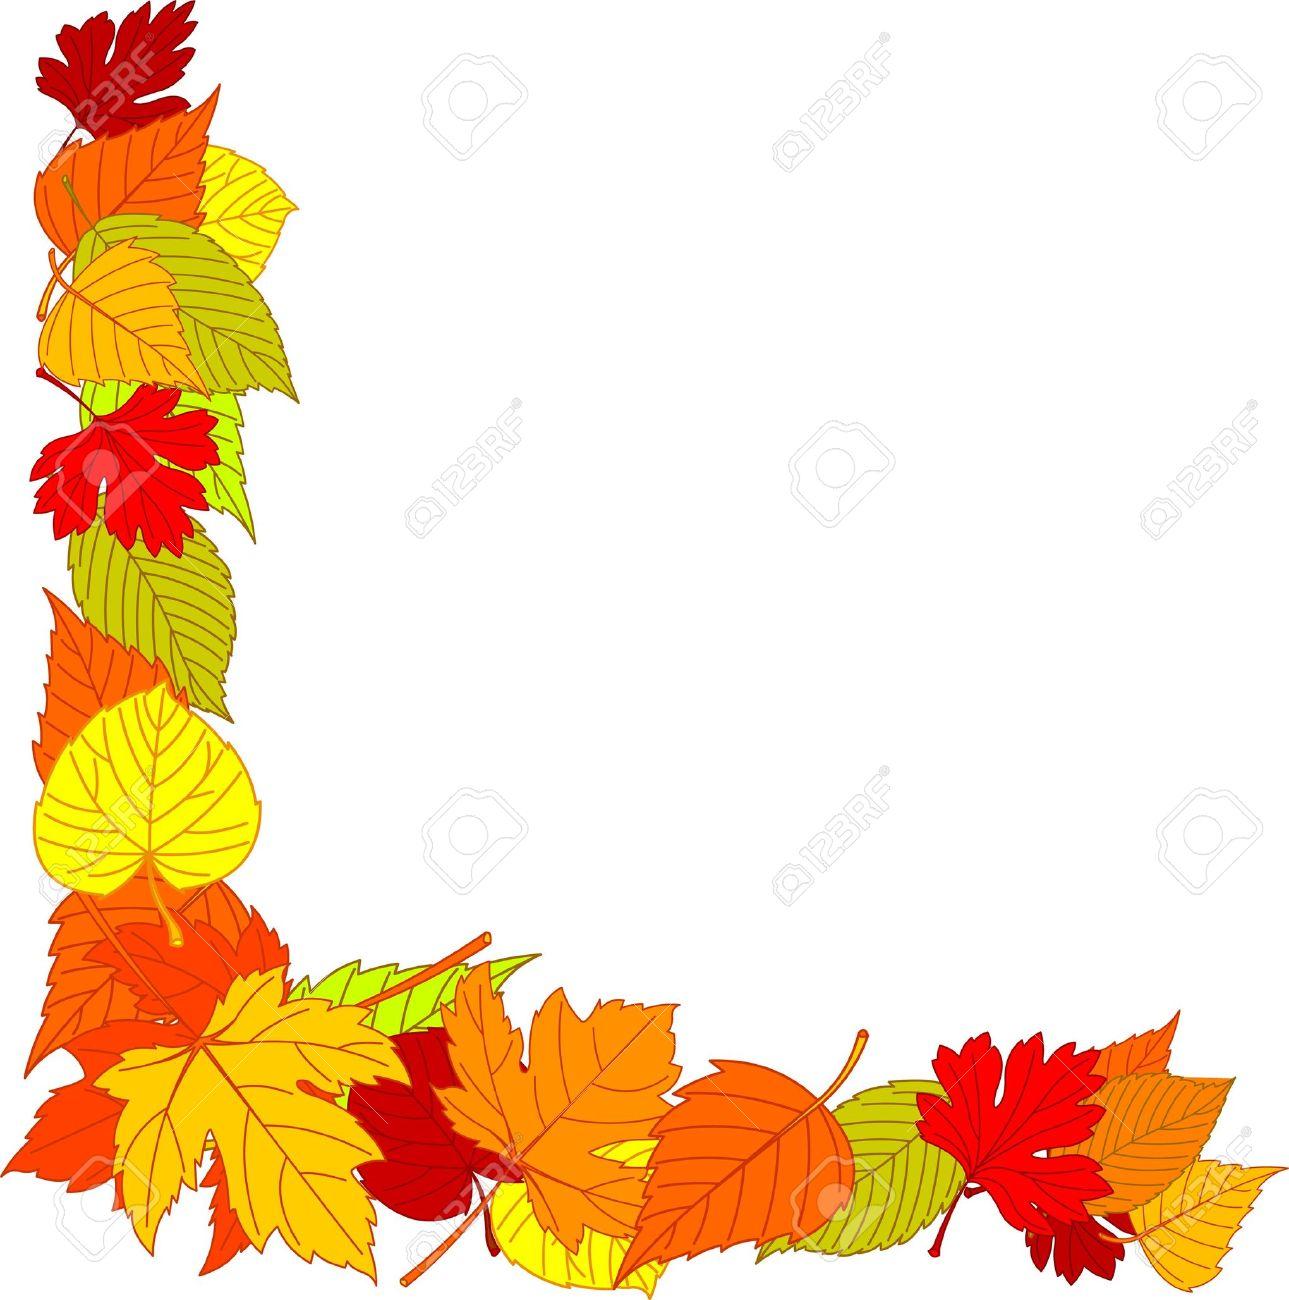 1289x1300 Corner Border Clipart Free Harvest Clipart Fall Harvest Corner